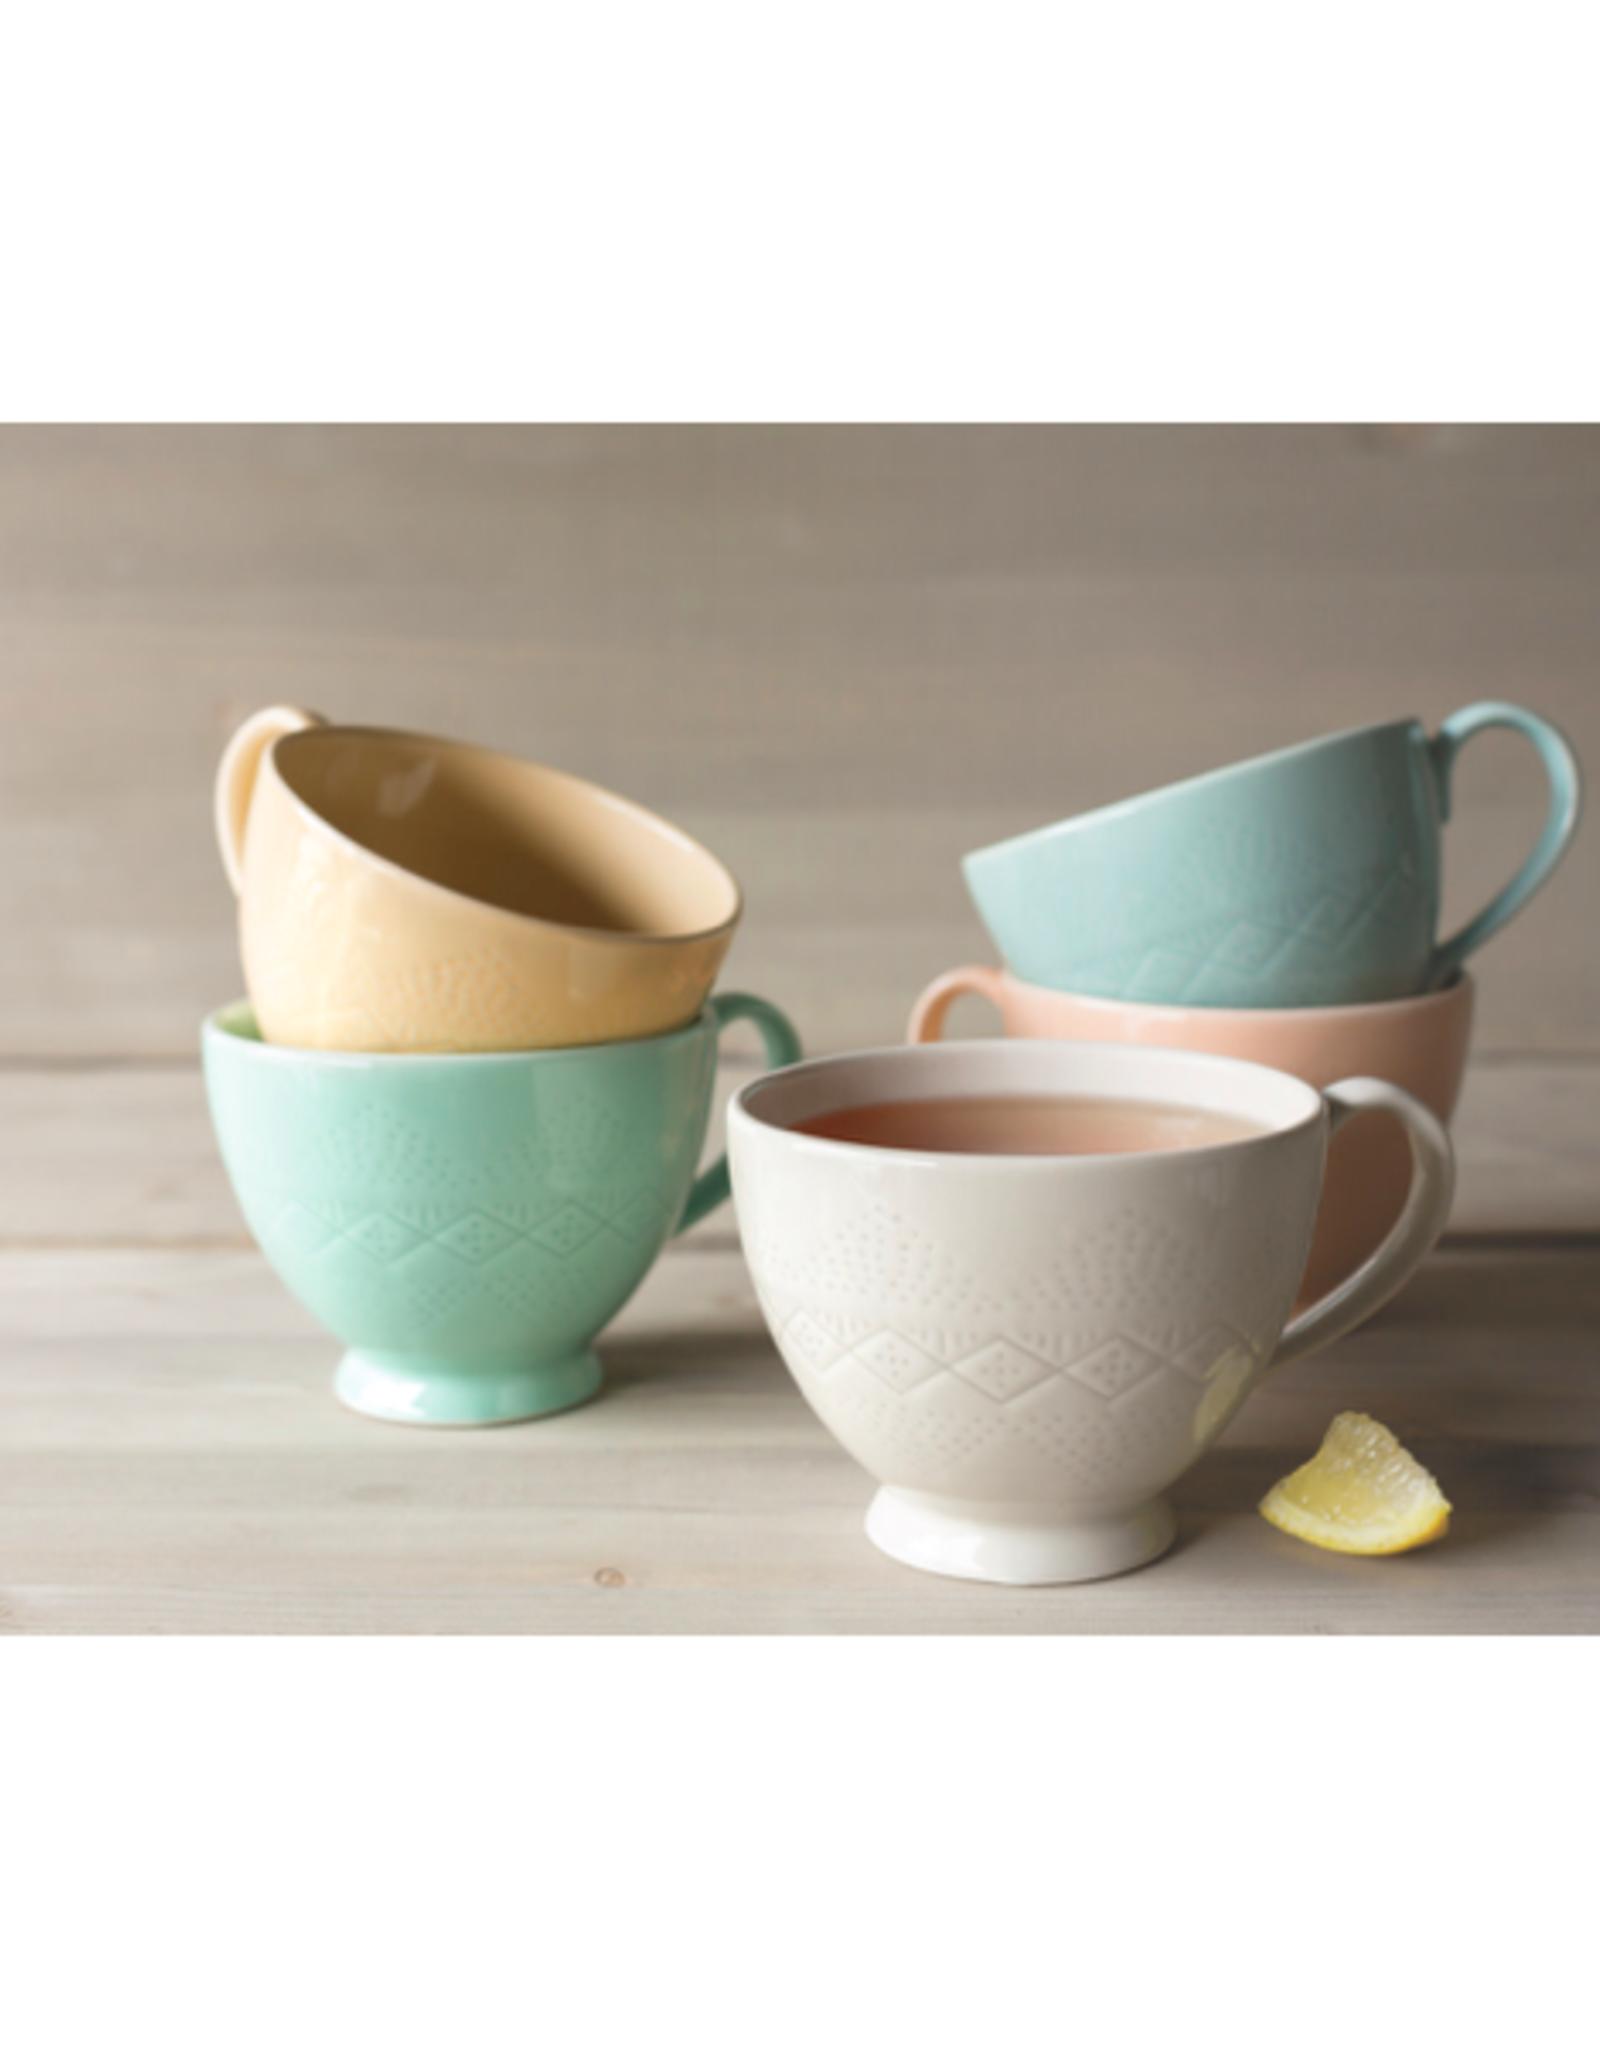 DCA - Mug / Pedestal, Blush